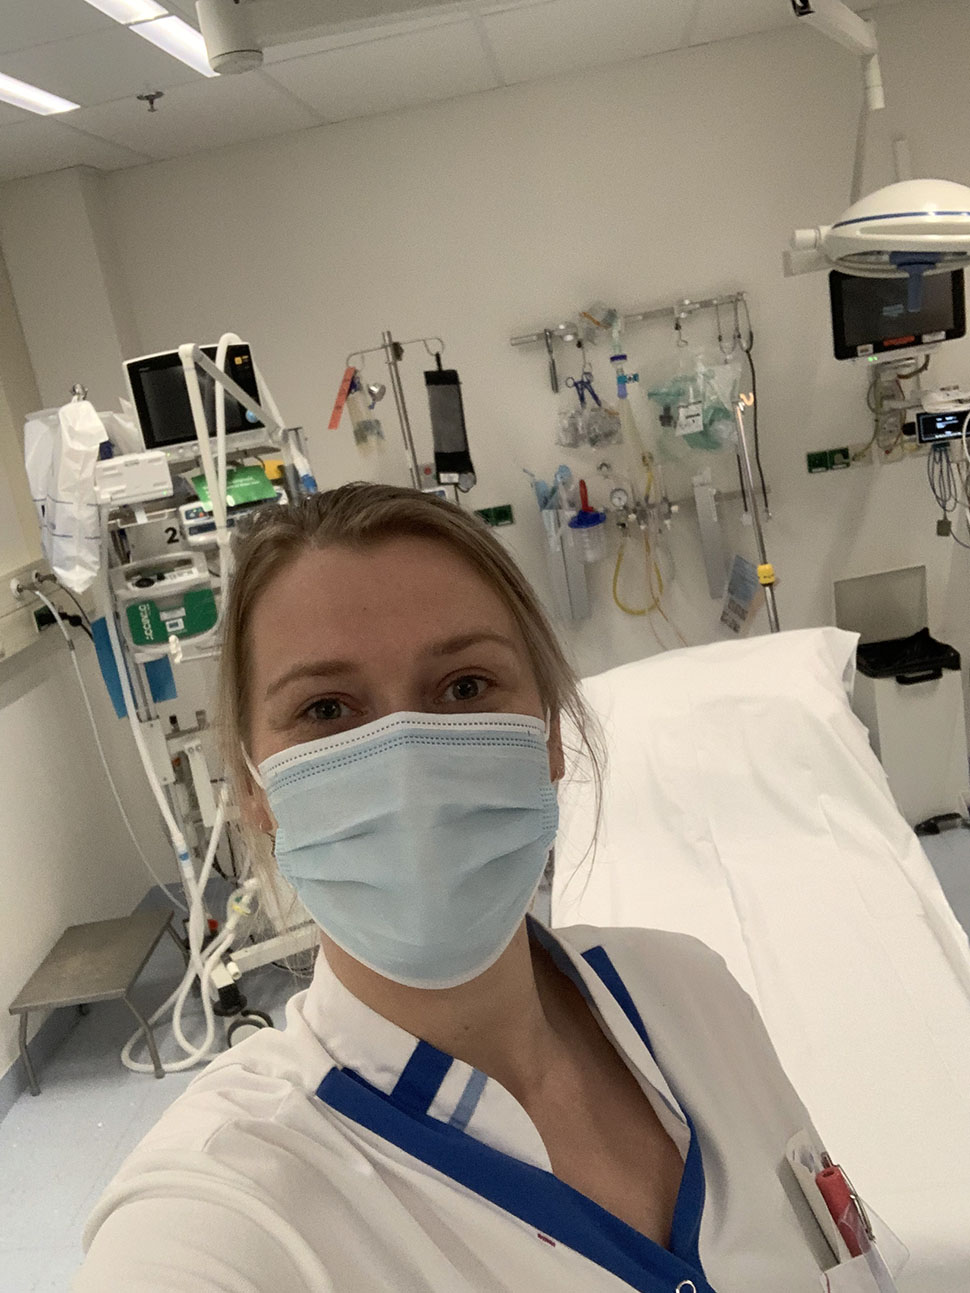 Eetdagboek van een SEH-verpleegkundige